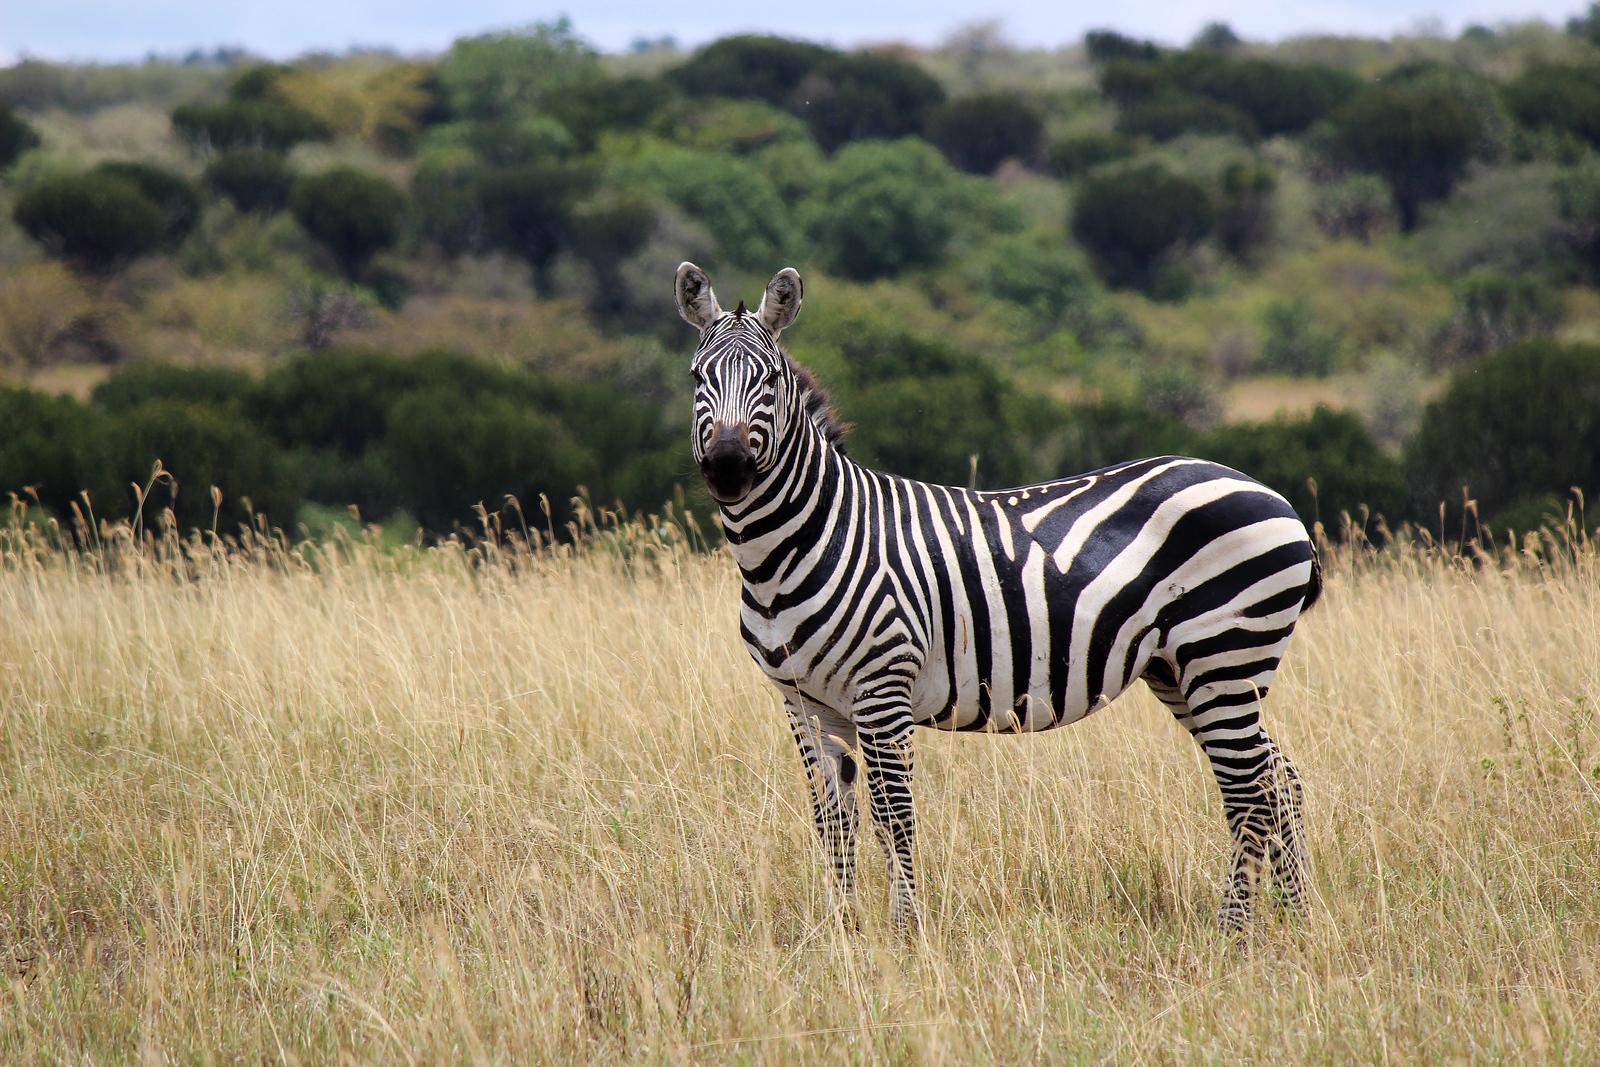 Animals of Kenya: My Encounters at Soysambu Conservancy